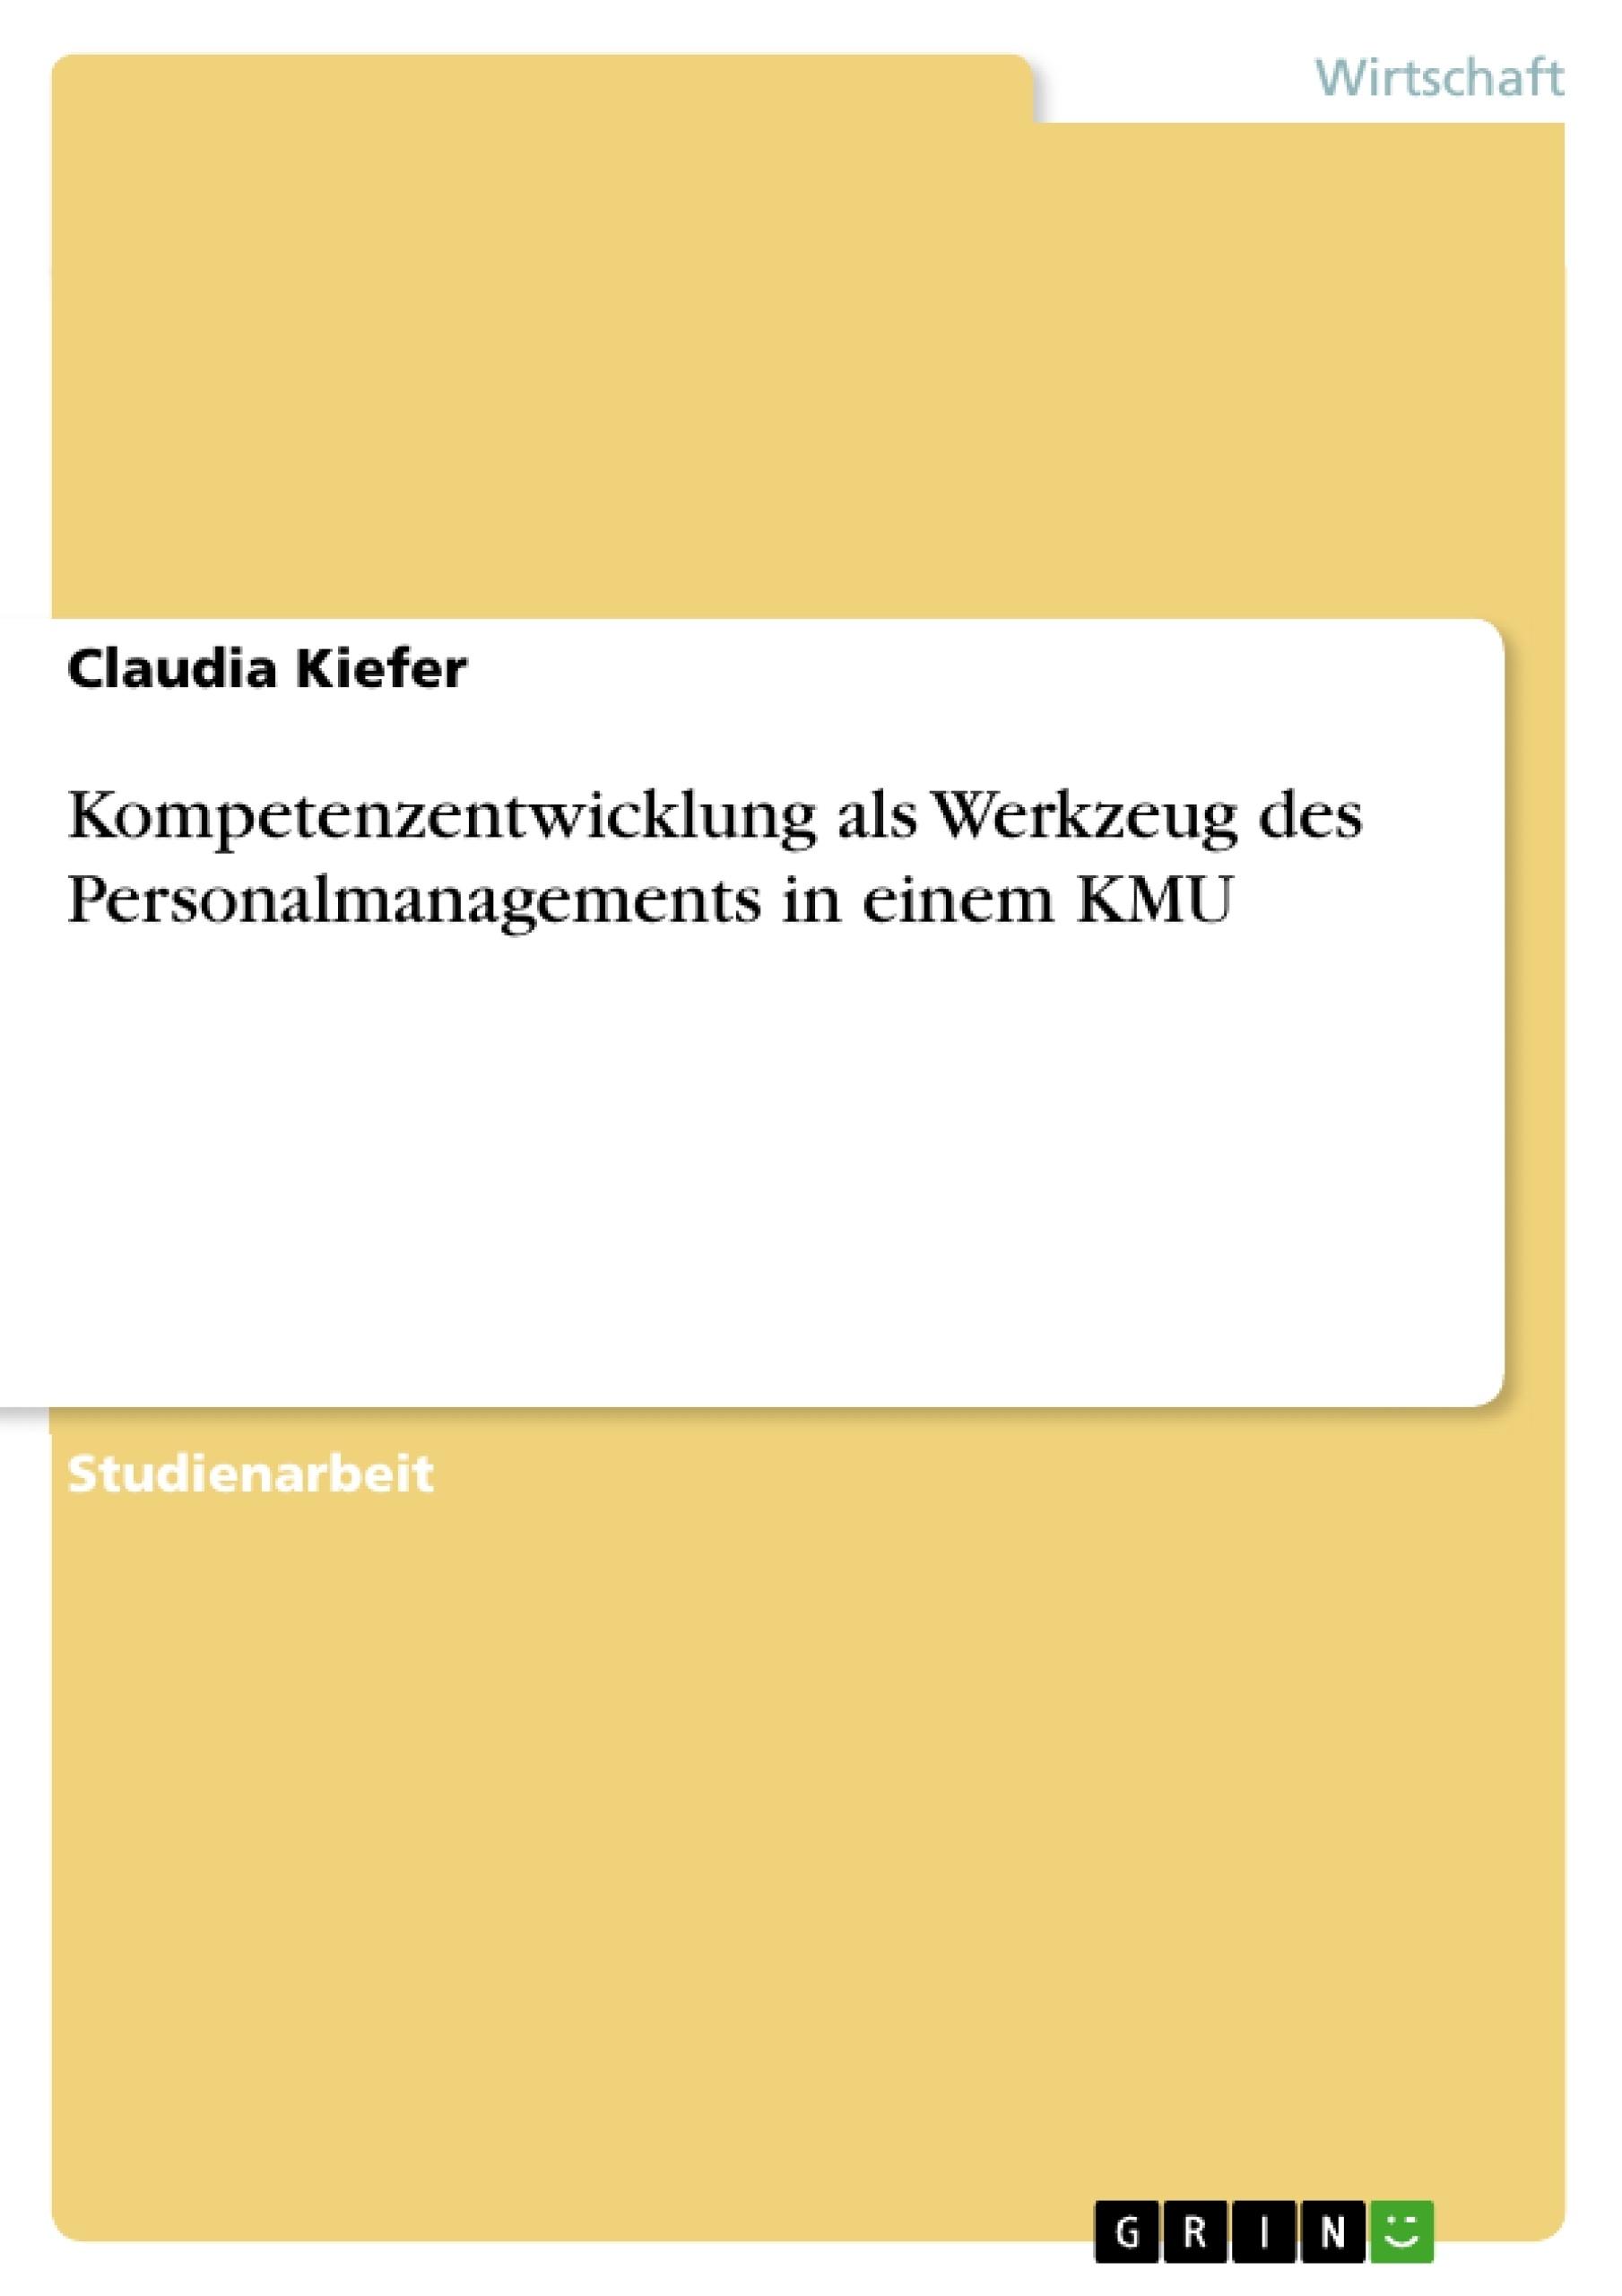 Titel: Kompetenzentwicklung als Werkzeug des Personalmanagements in einem KMU